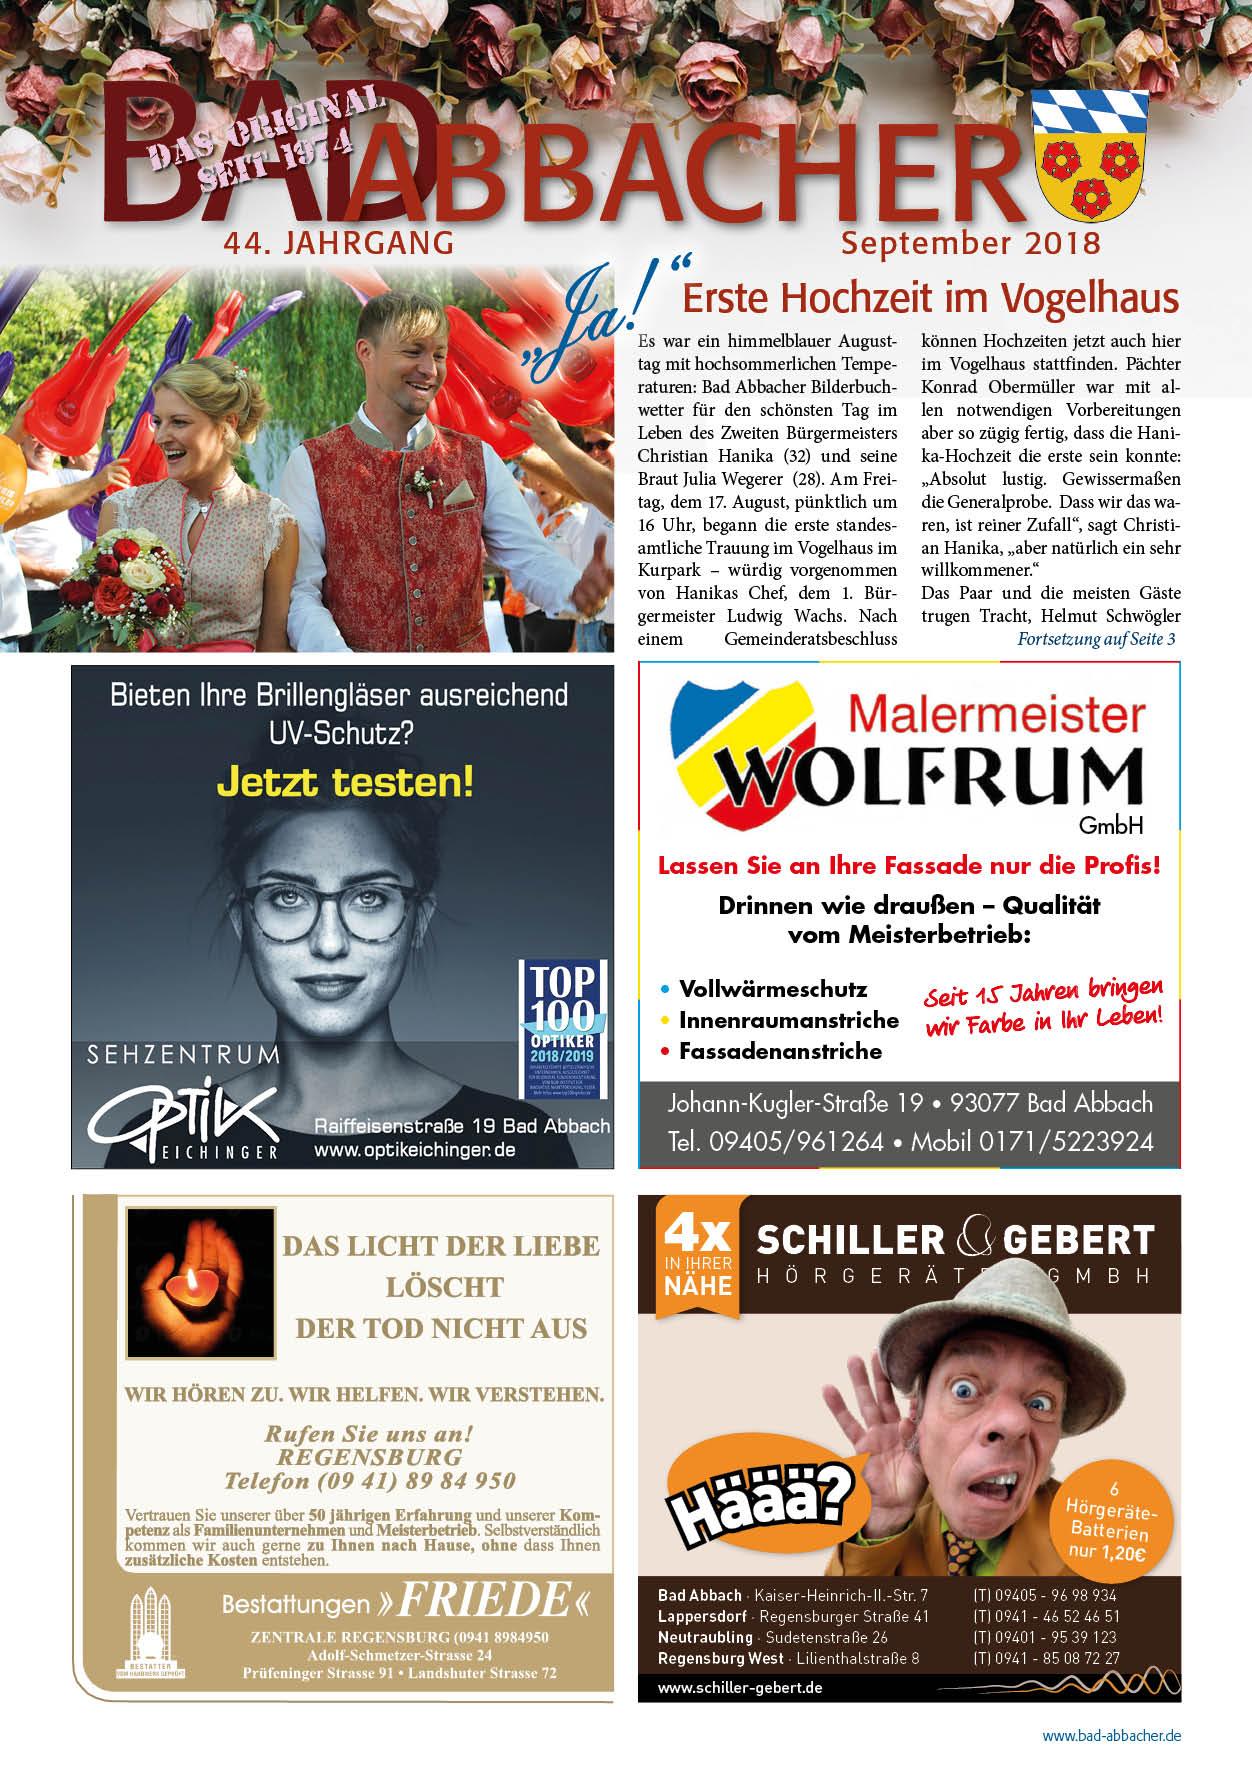 Bad-Abbacher_September-2018-titel